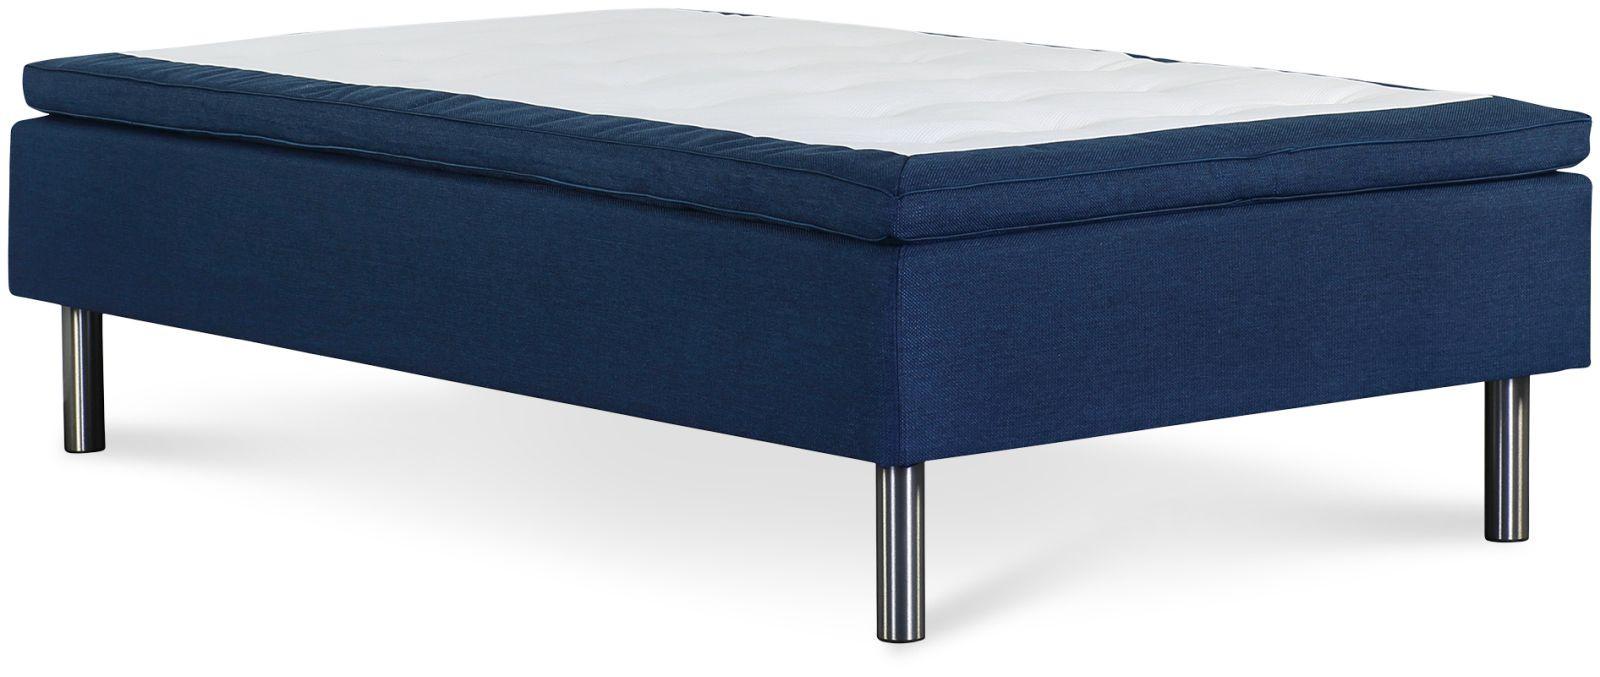 Łóżko Iceland 120x200 (niebieski)